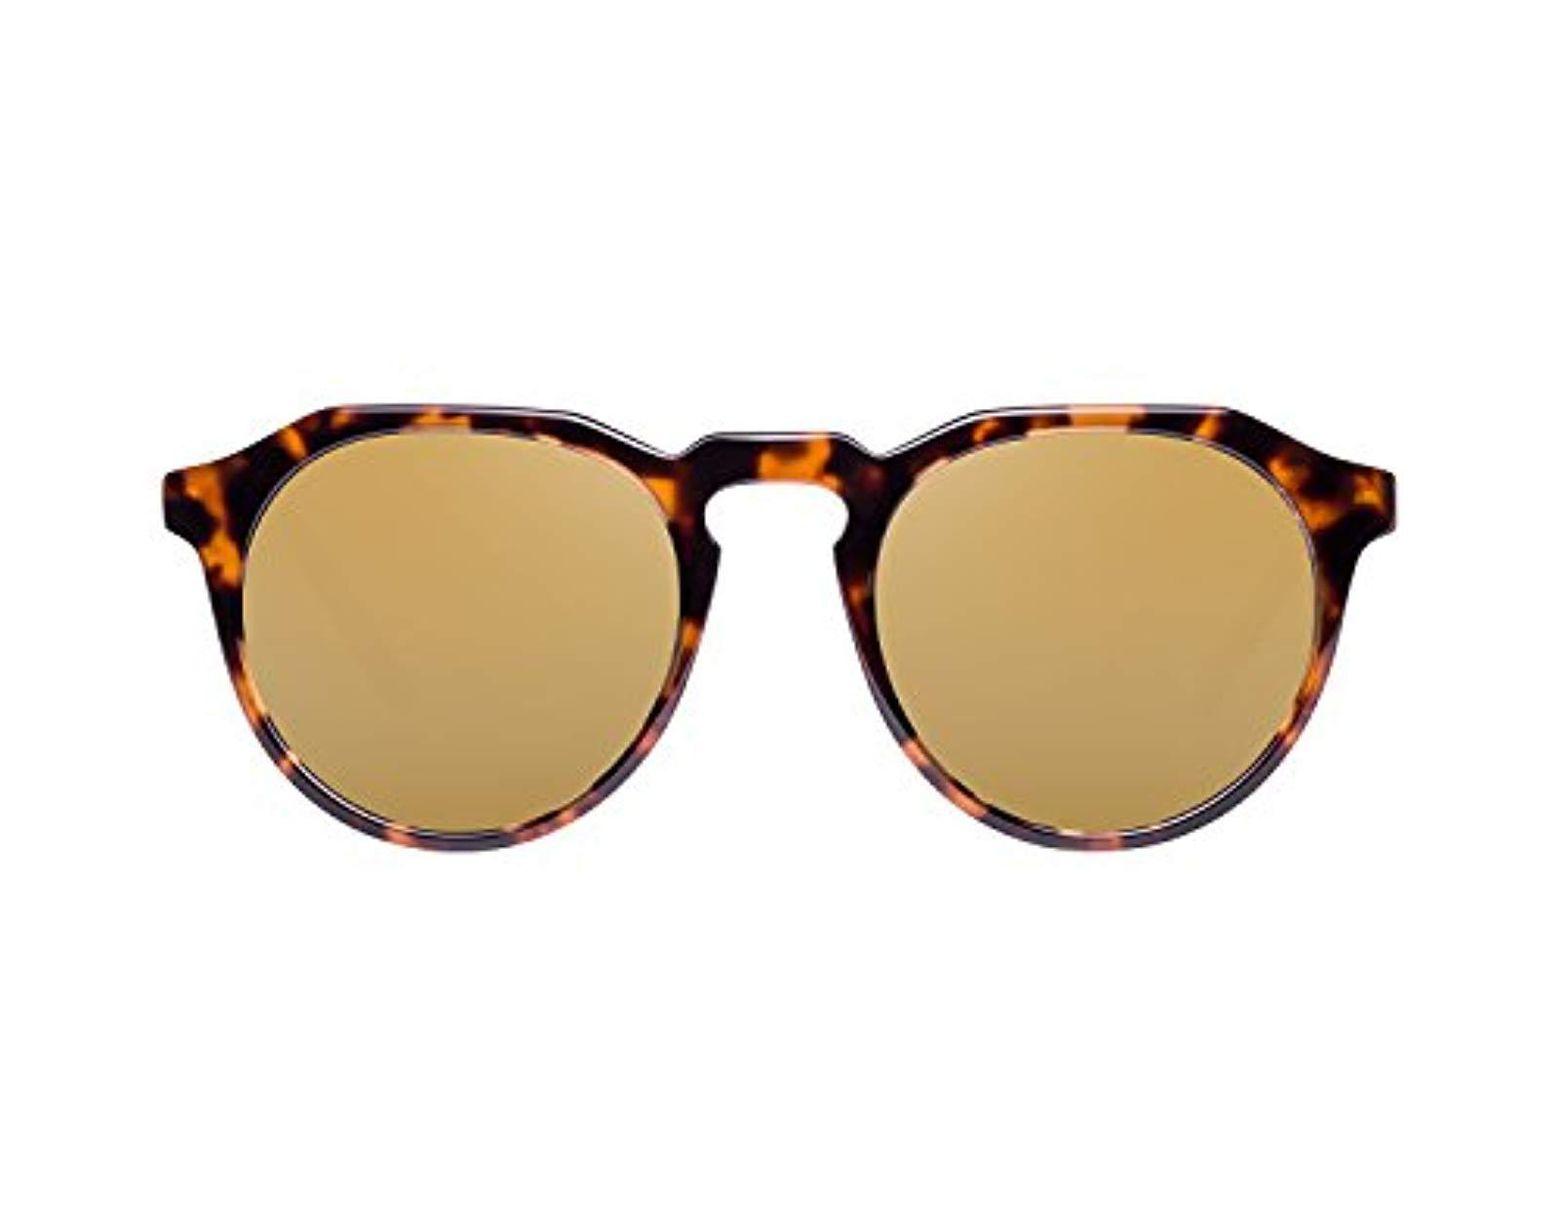 1c0be3dd29 · WARWICK X · Carey · Vegas Gold · Gafas de sol para hombre y mujer Hawkers  de hombre de color Metálico - Lyst